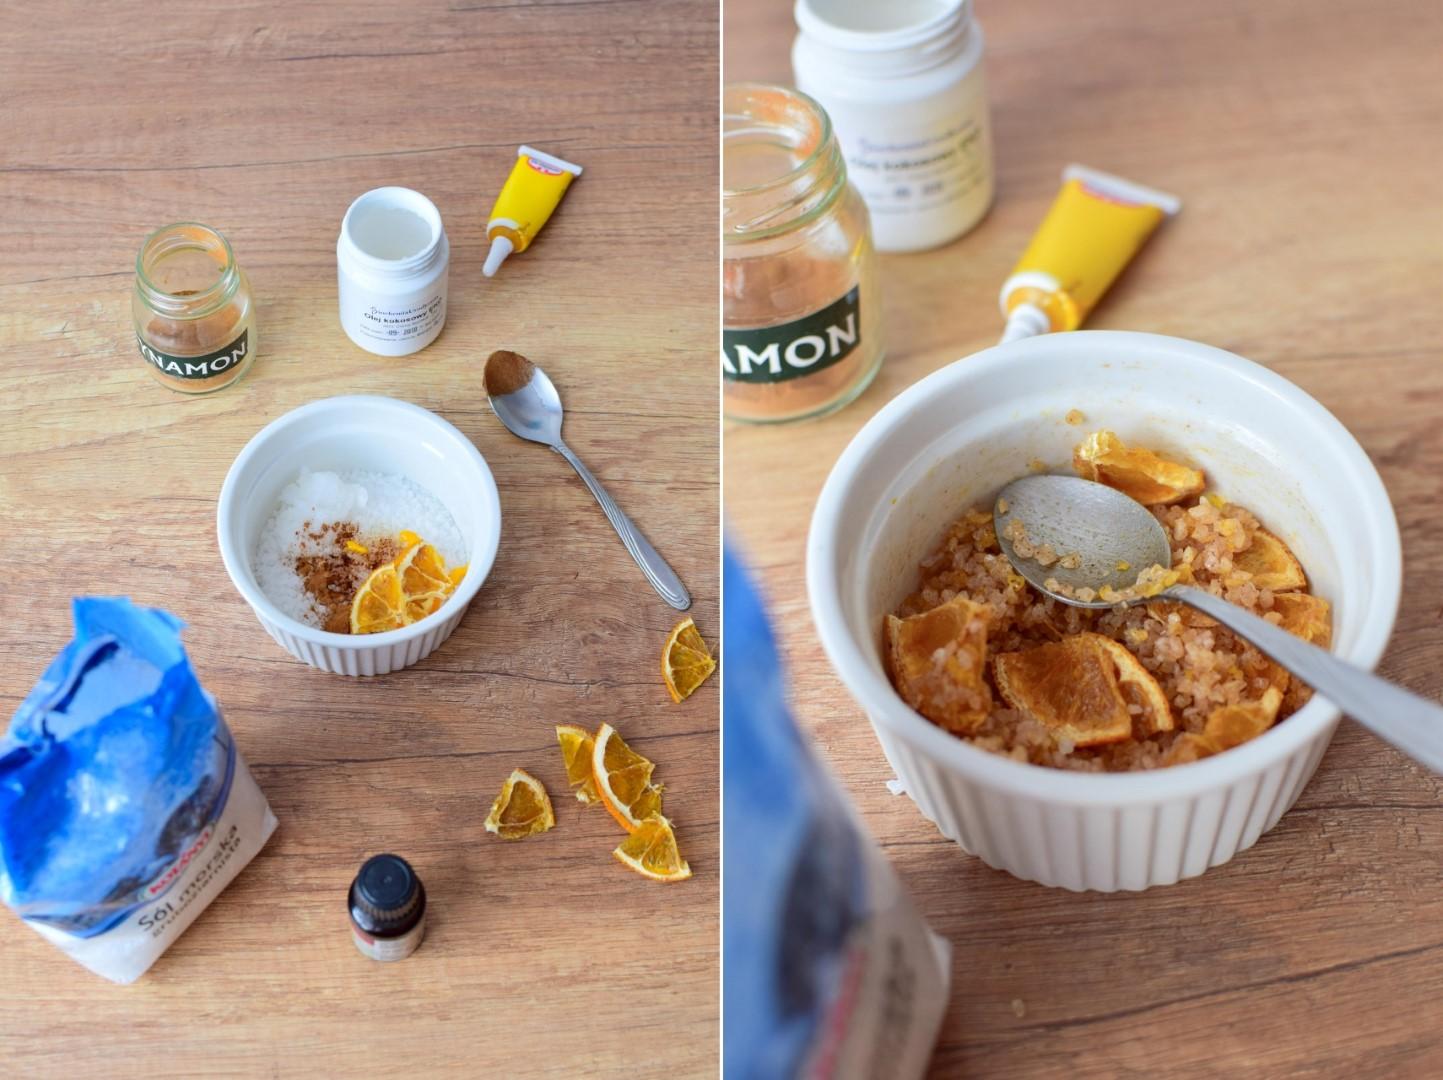 diy_zrób_to_sama_świeże_kosmetyki_z_kuchni_przepis_sól_do_kąpieli_blog_krok_po_kroku_tutorial